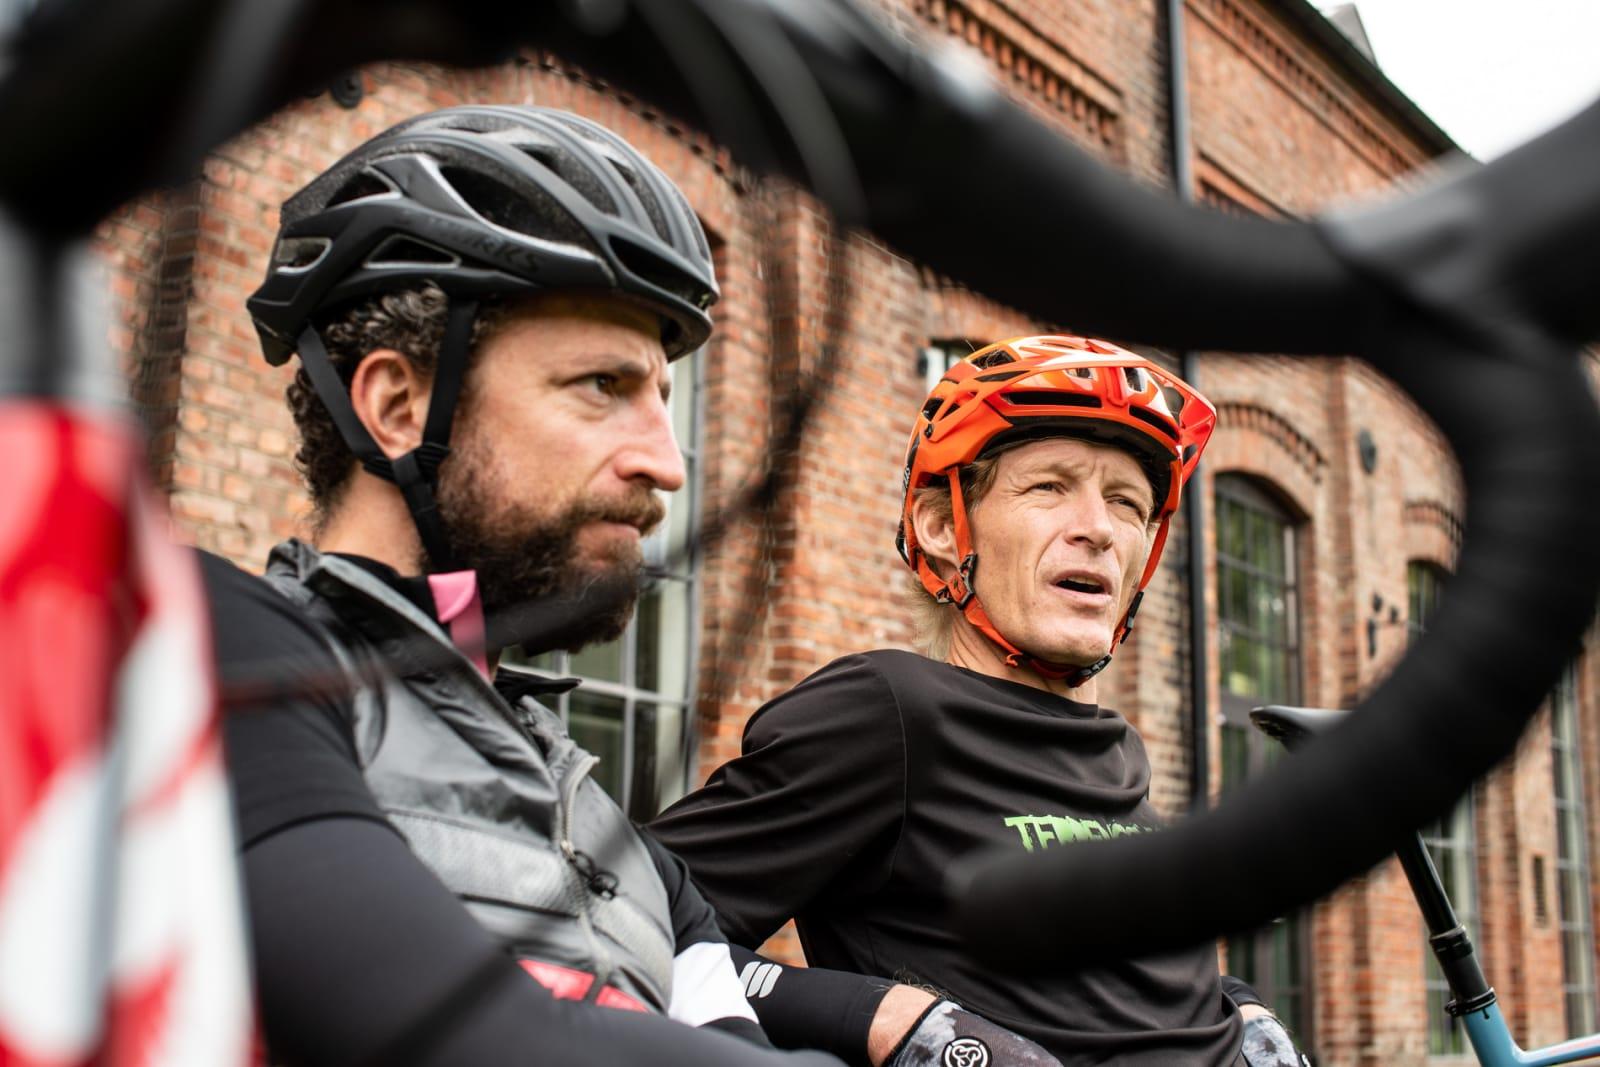 MOTEPRAT: Henrik Alpers og Øyvind Aas er ikke kjent for å holde igjen når femmeren blir puttet på... Bilde: Christian Nerdrum